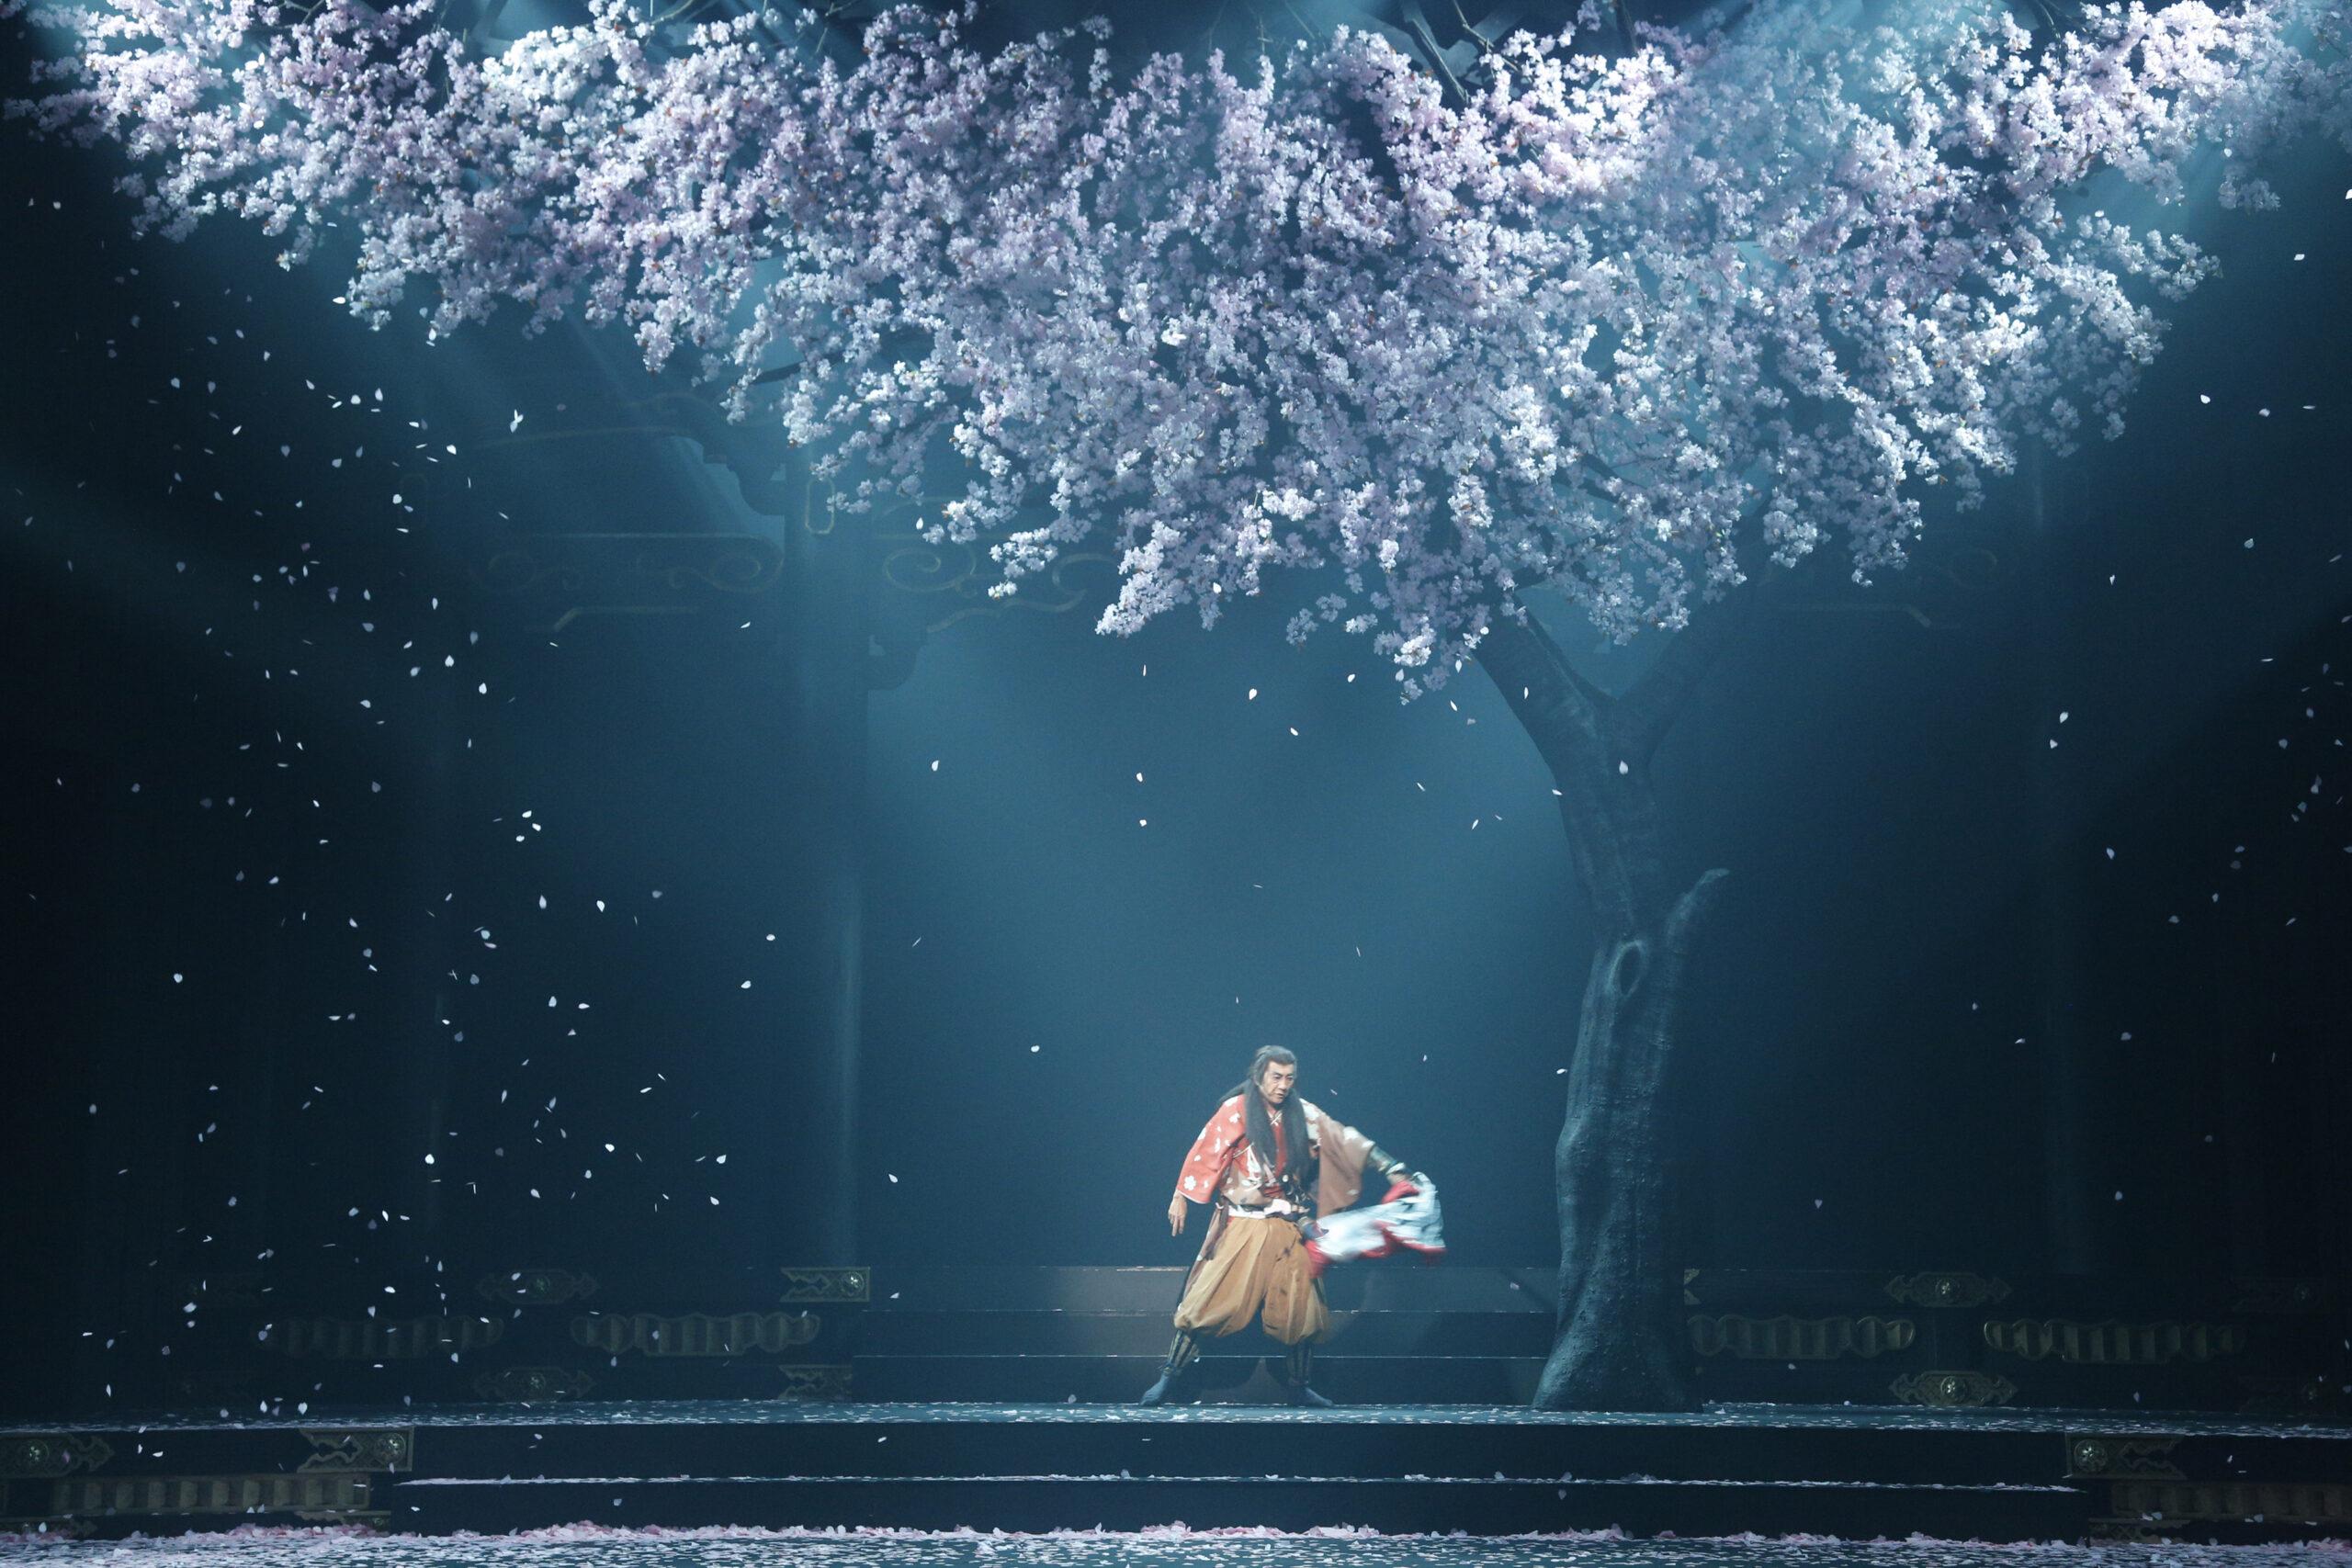 Ninagawa Macbeth cherry tree